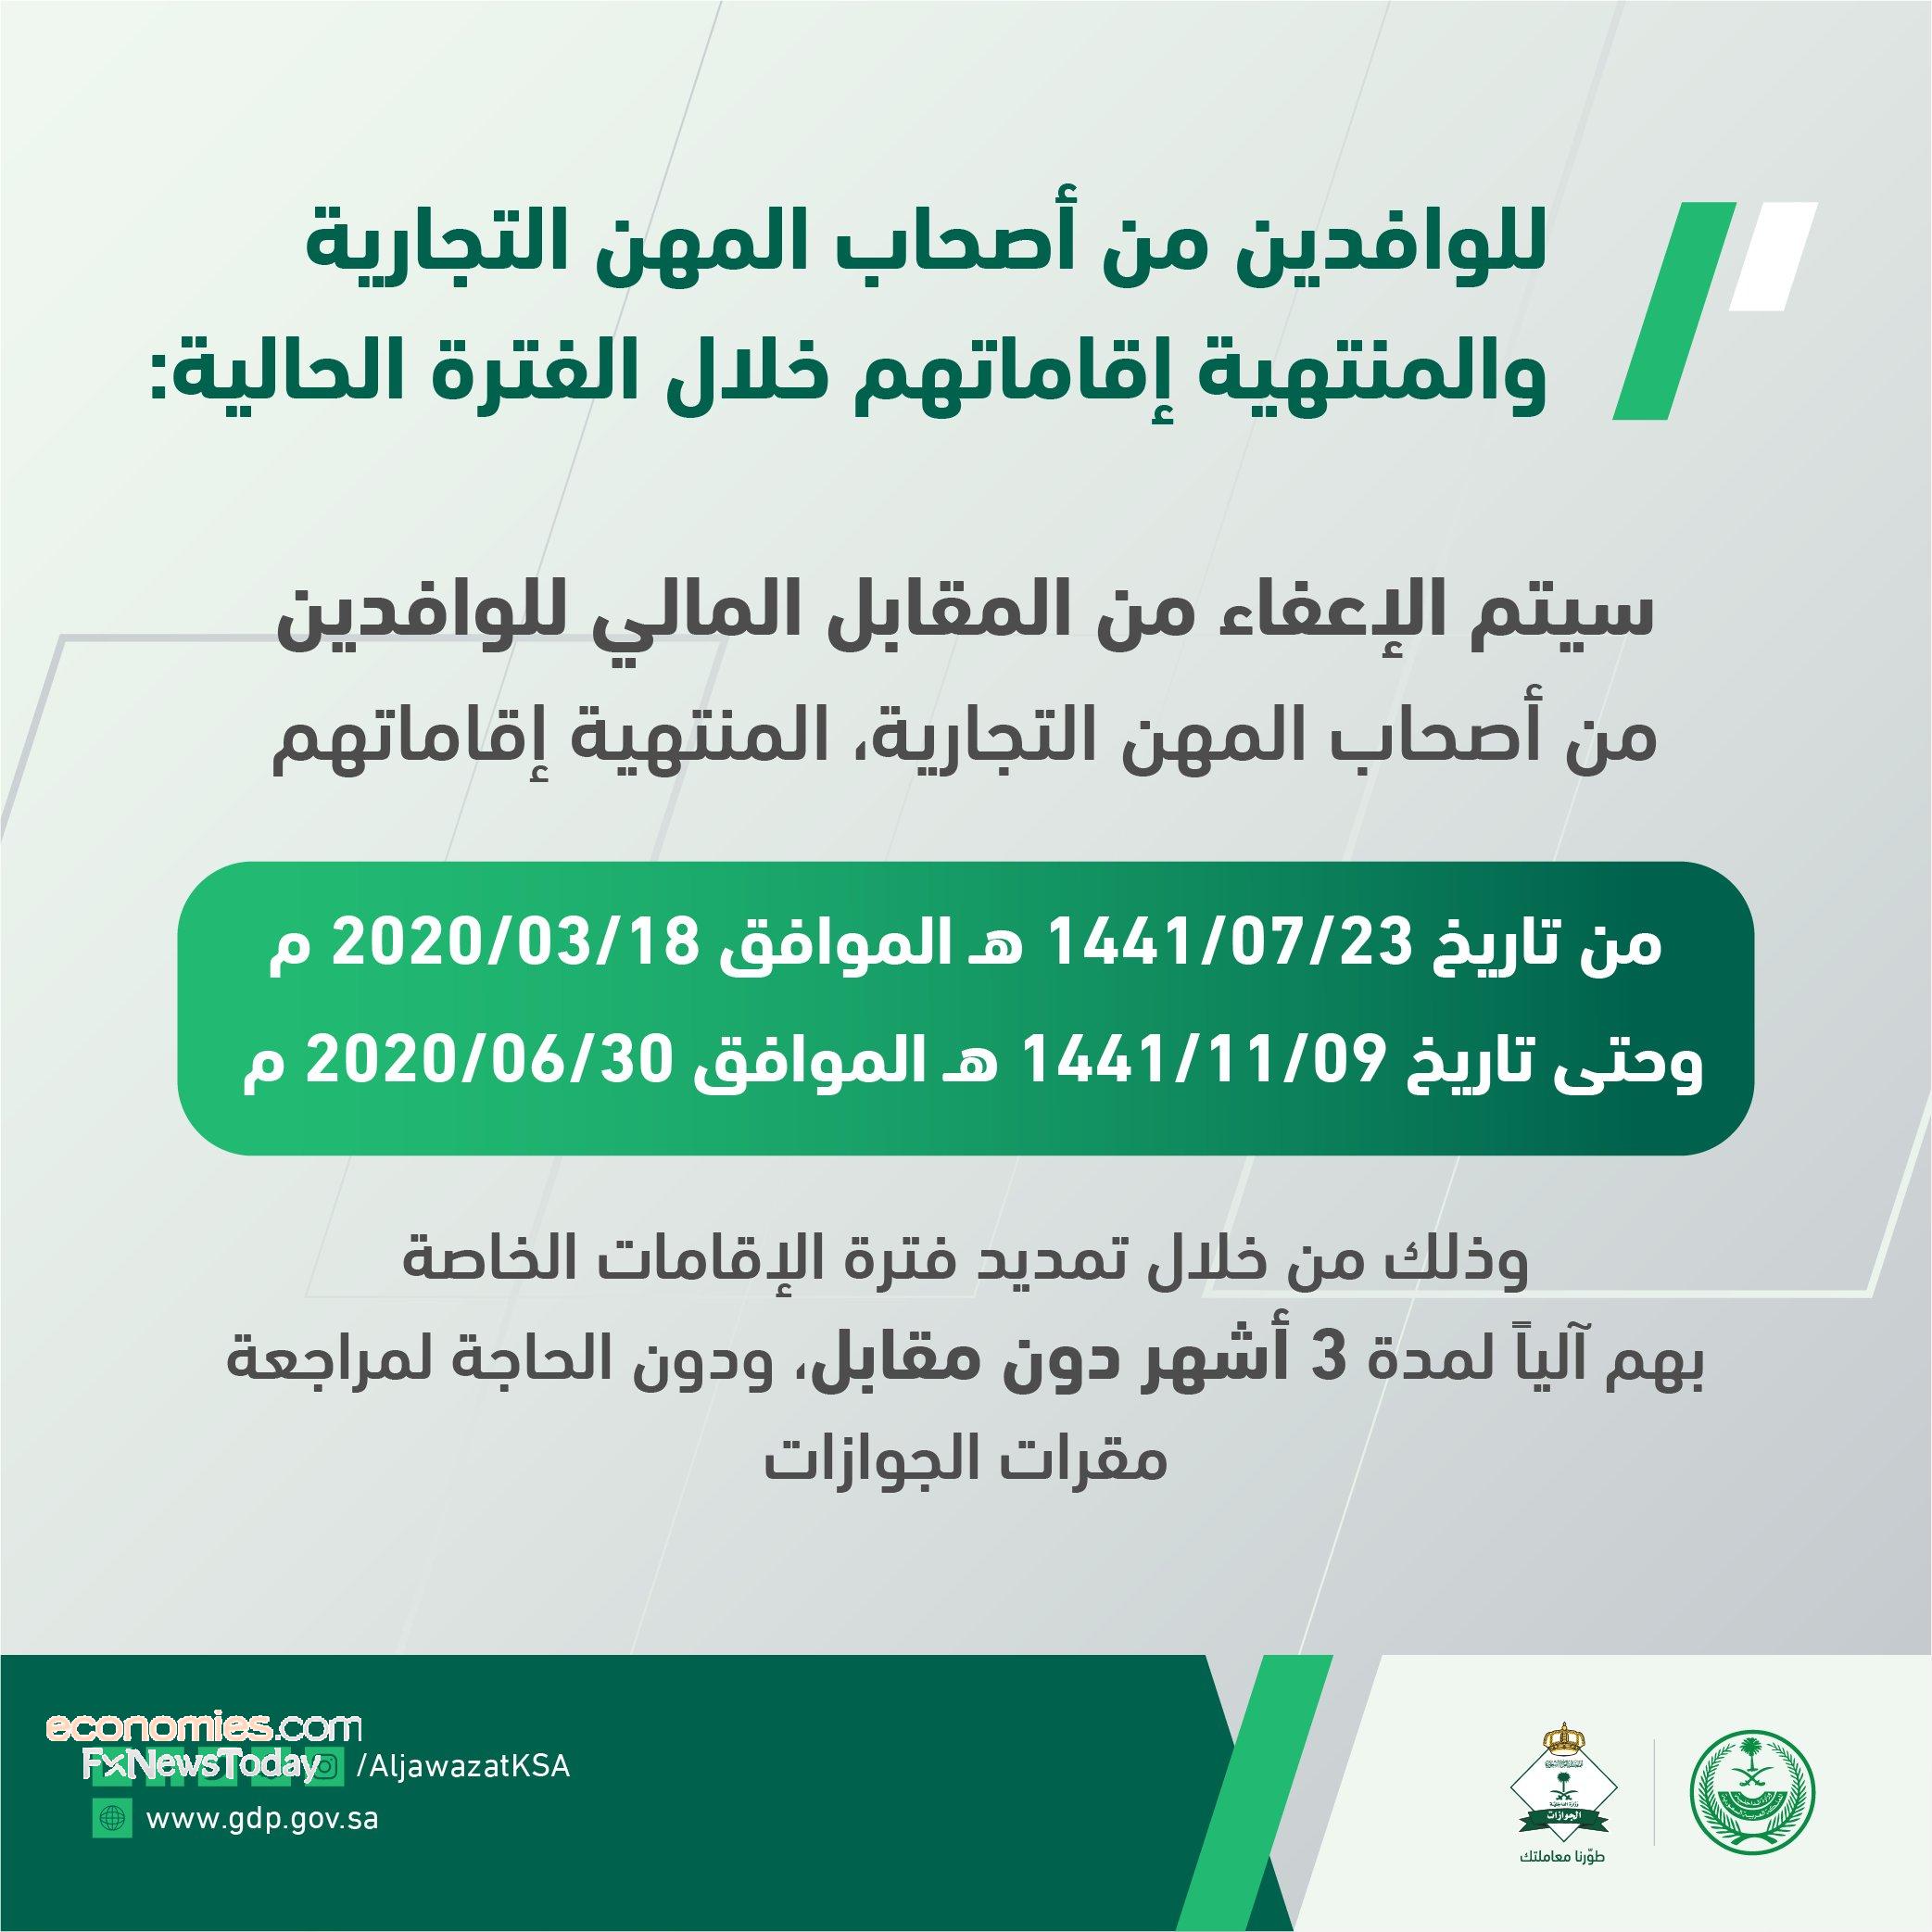 السعودية تضع آلية لإعفاء الوافدين من المقابل المالي وتمديد إقامتهم